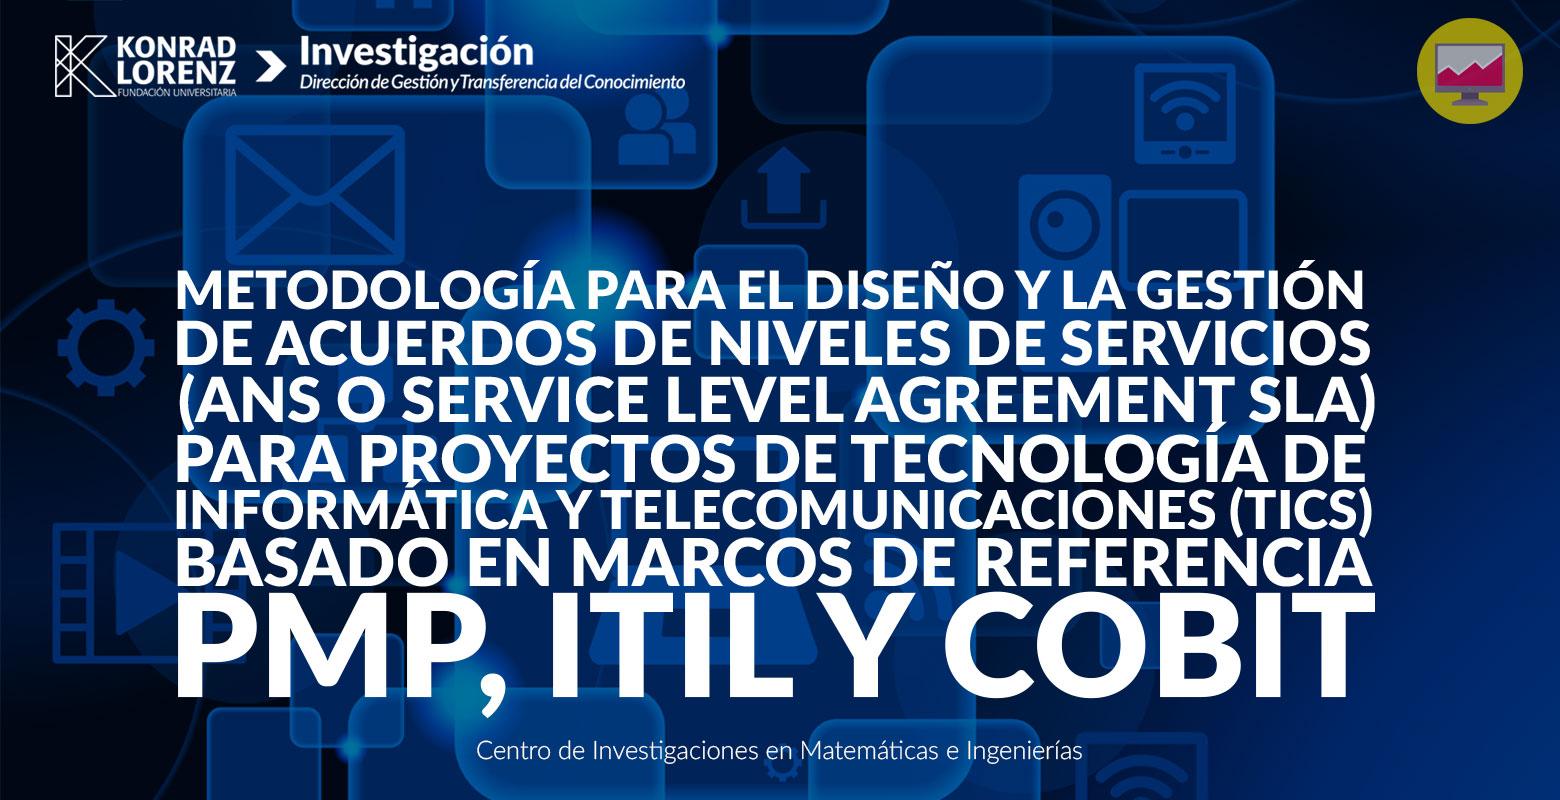 Metodología para el diseño y la gestión de acuerdos de niveles de servicios (ANS o Service Level Agreement SLA) para proyectos de tecnología de informática y telecomunicaciones (TICS) basado en marcos de referencia PMP, ITIL y COBIT.